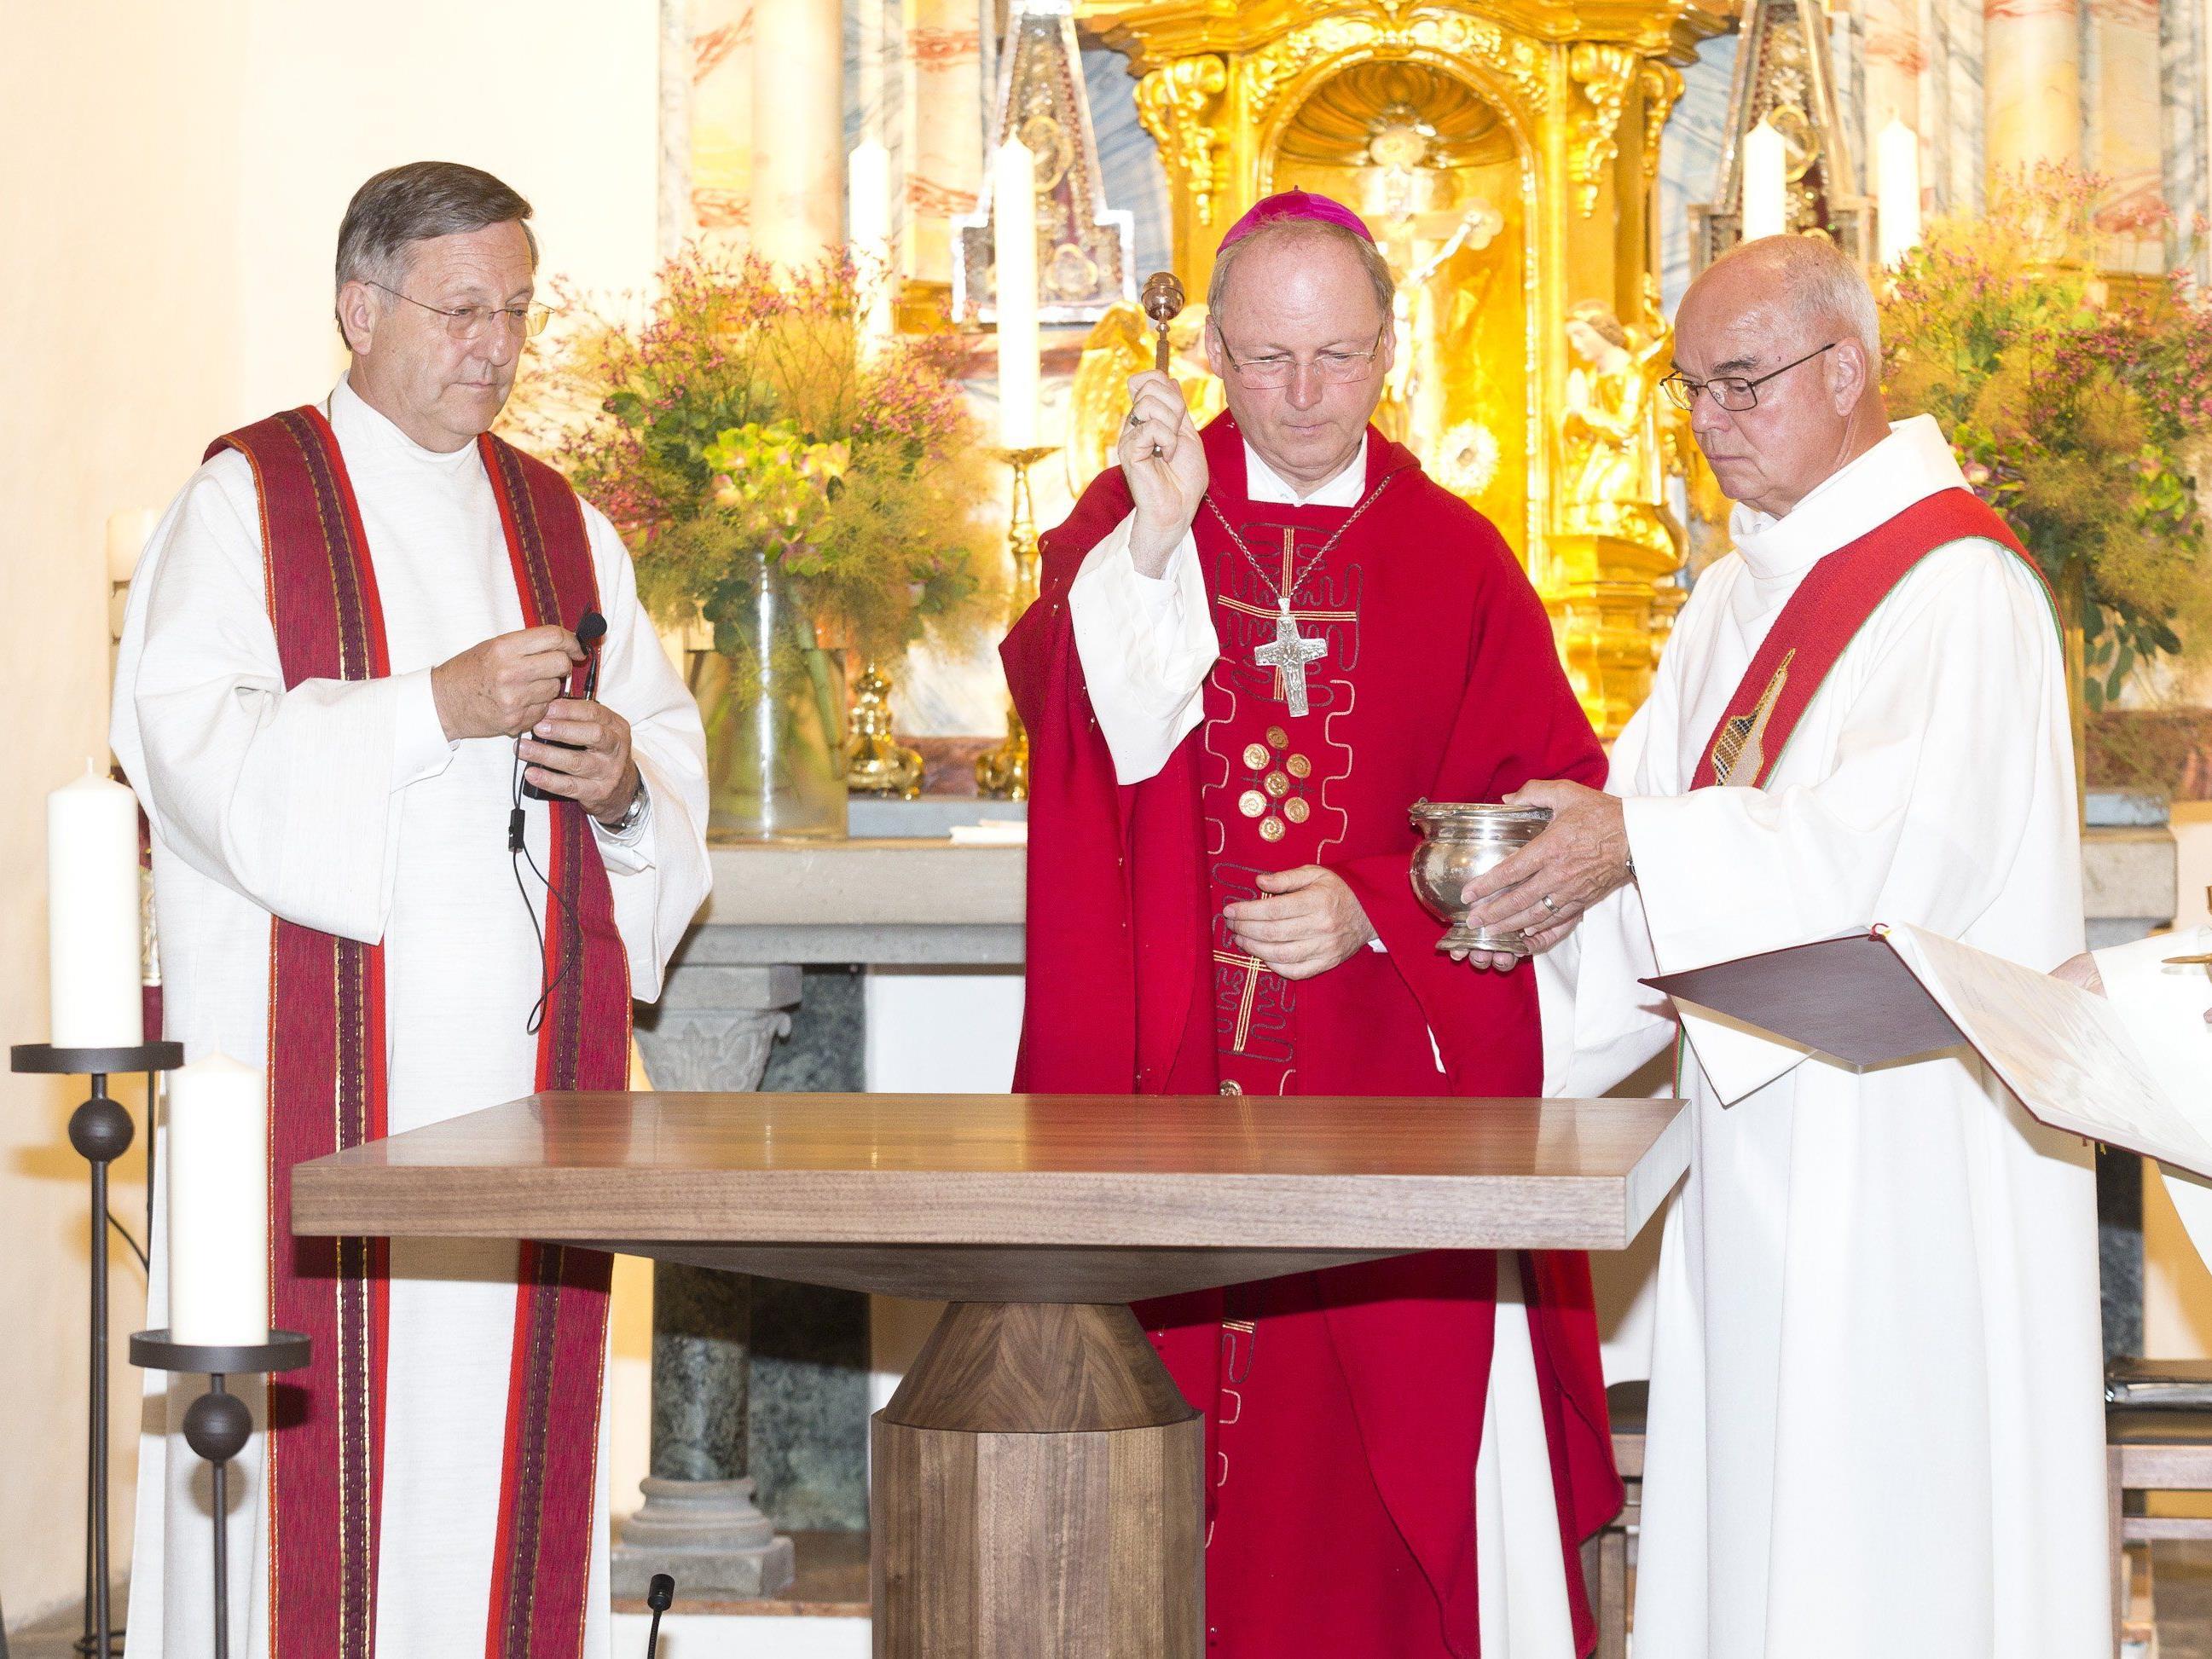 Mit der Altarweihe durch Bischof Benno Elbs wurde die Renovierung der St. Peter Kirche abgeschlossen.